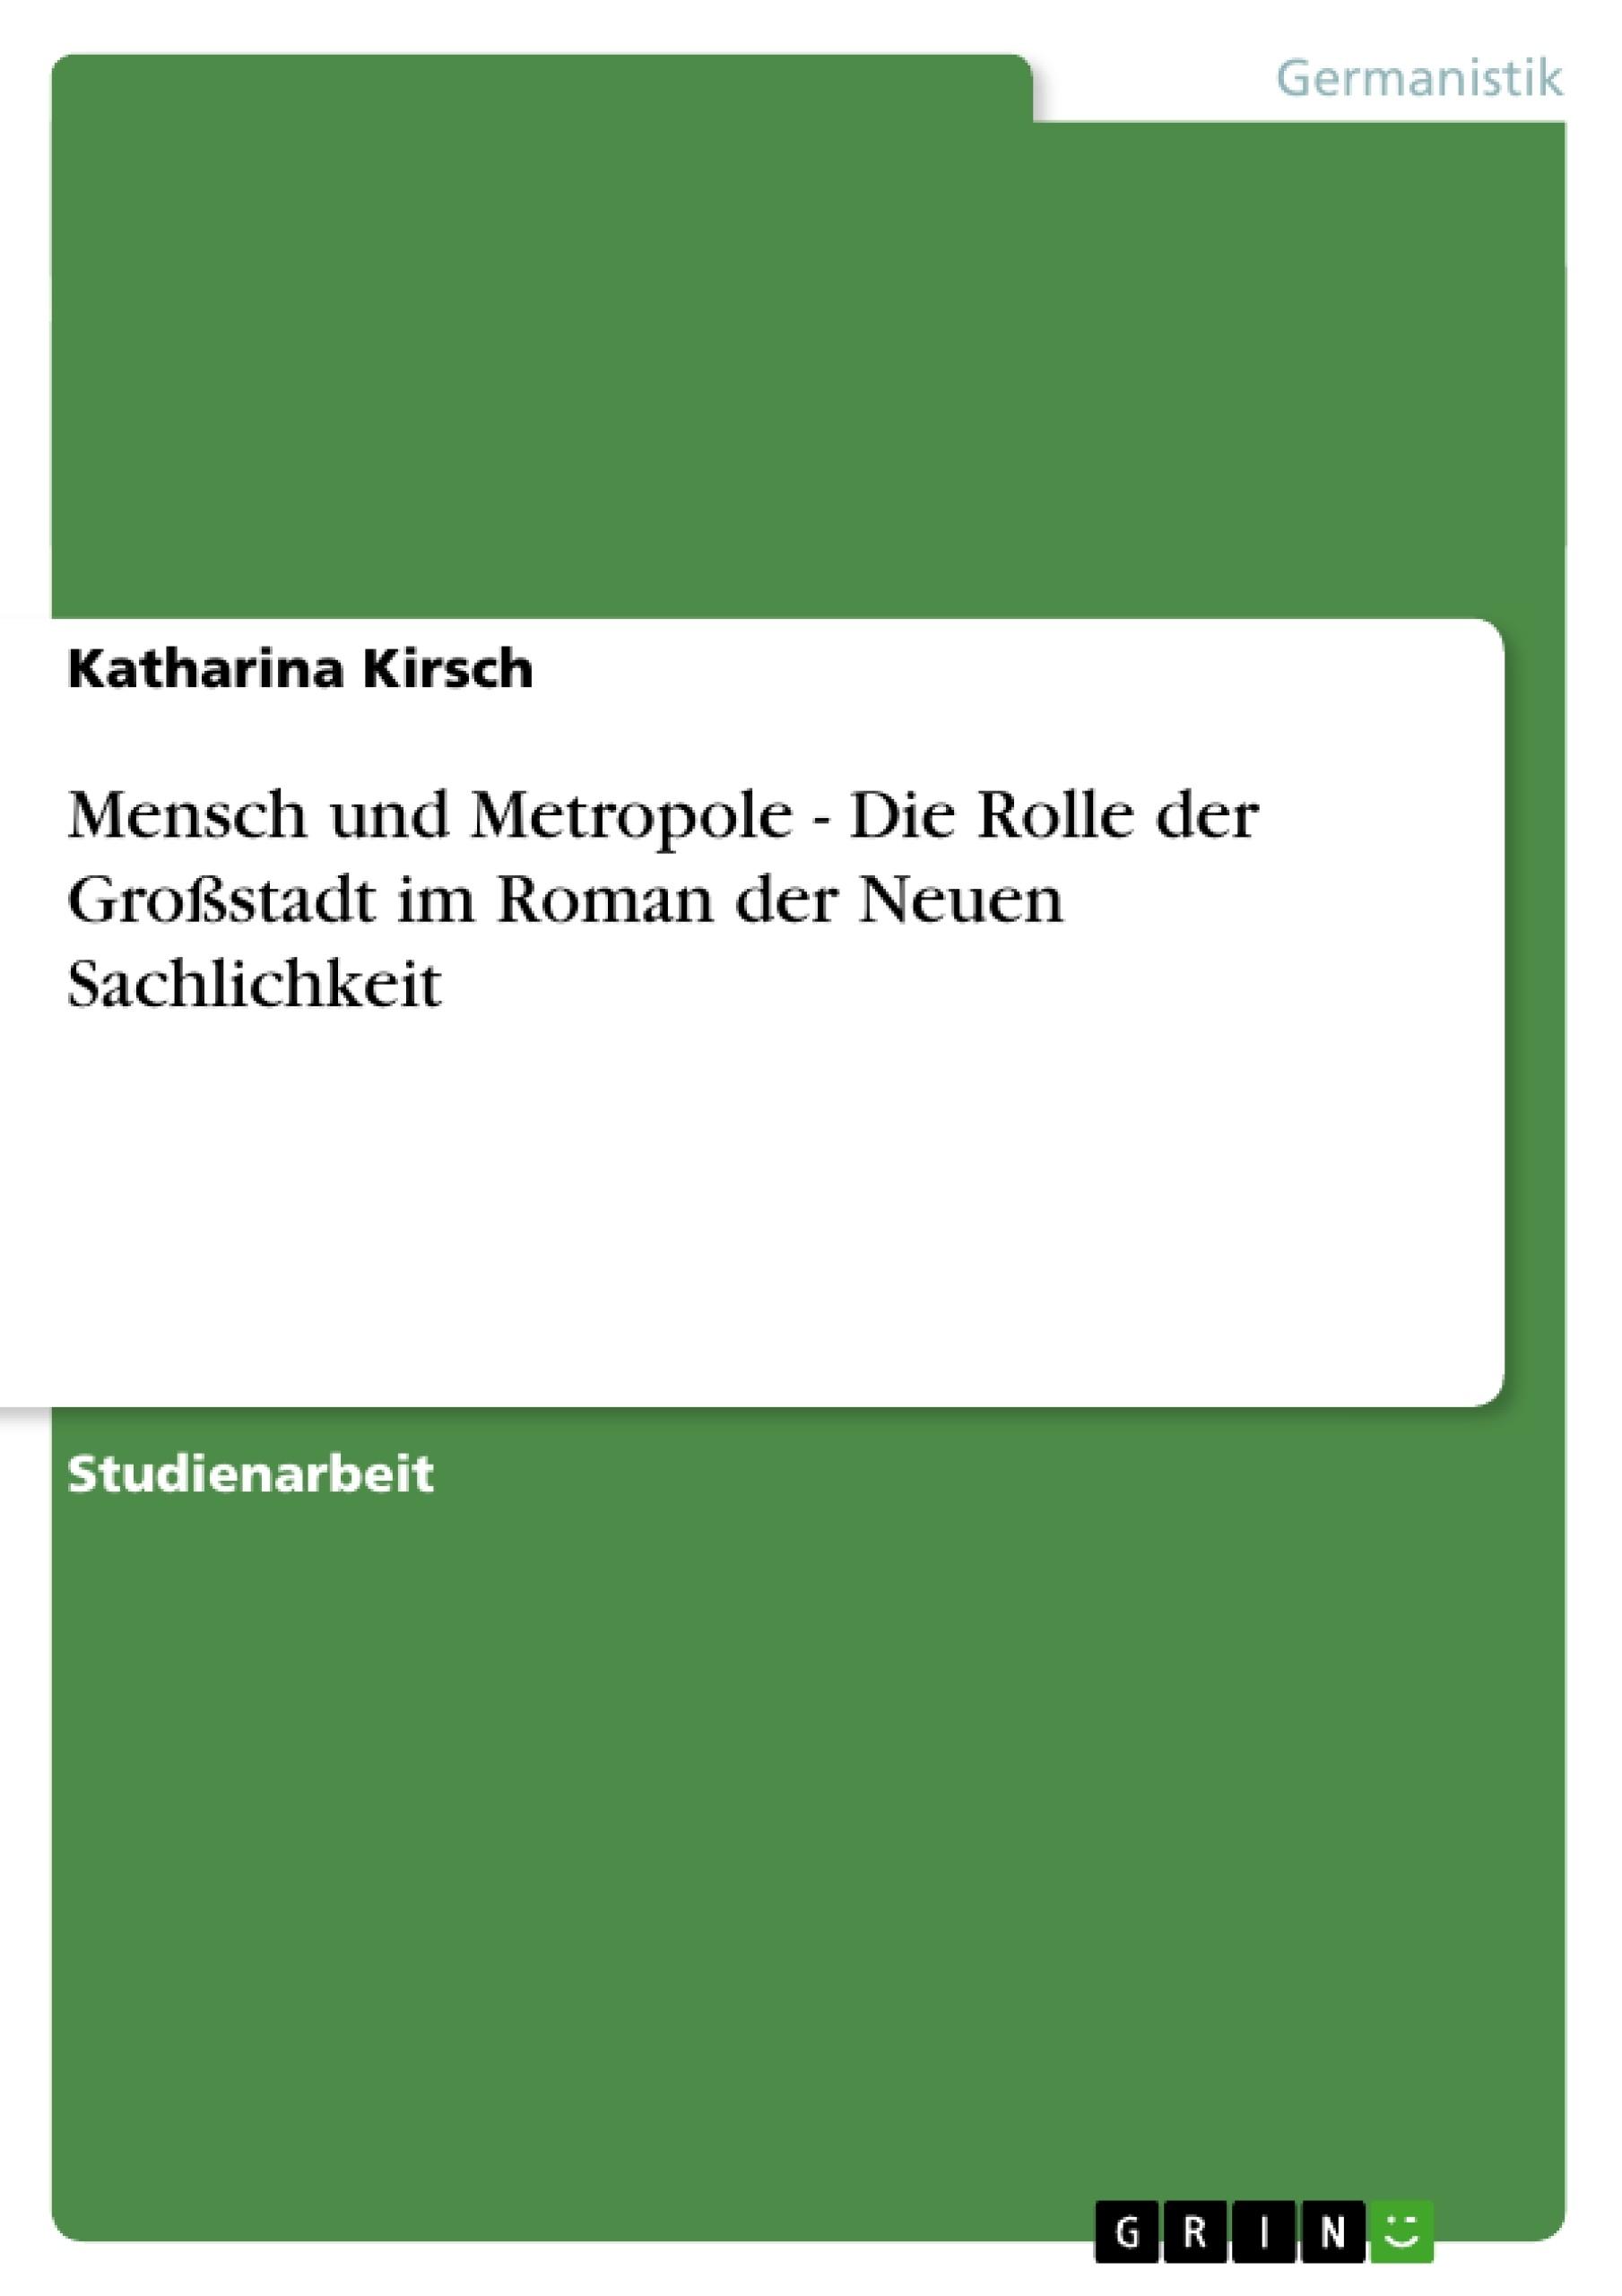 Titel: Mensch und Metropole - Die Rolle der Großstadt im Roman der Neuen Sachlichkeit